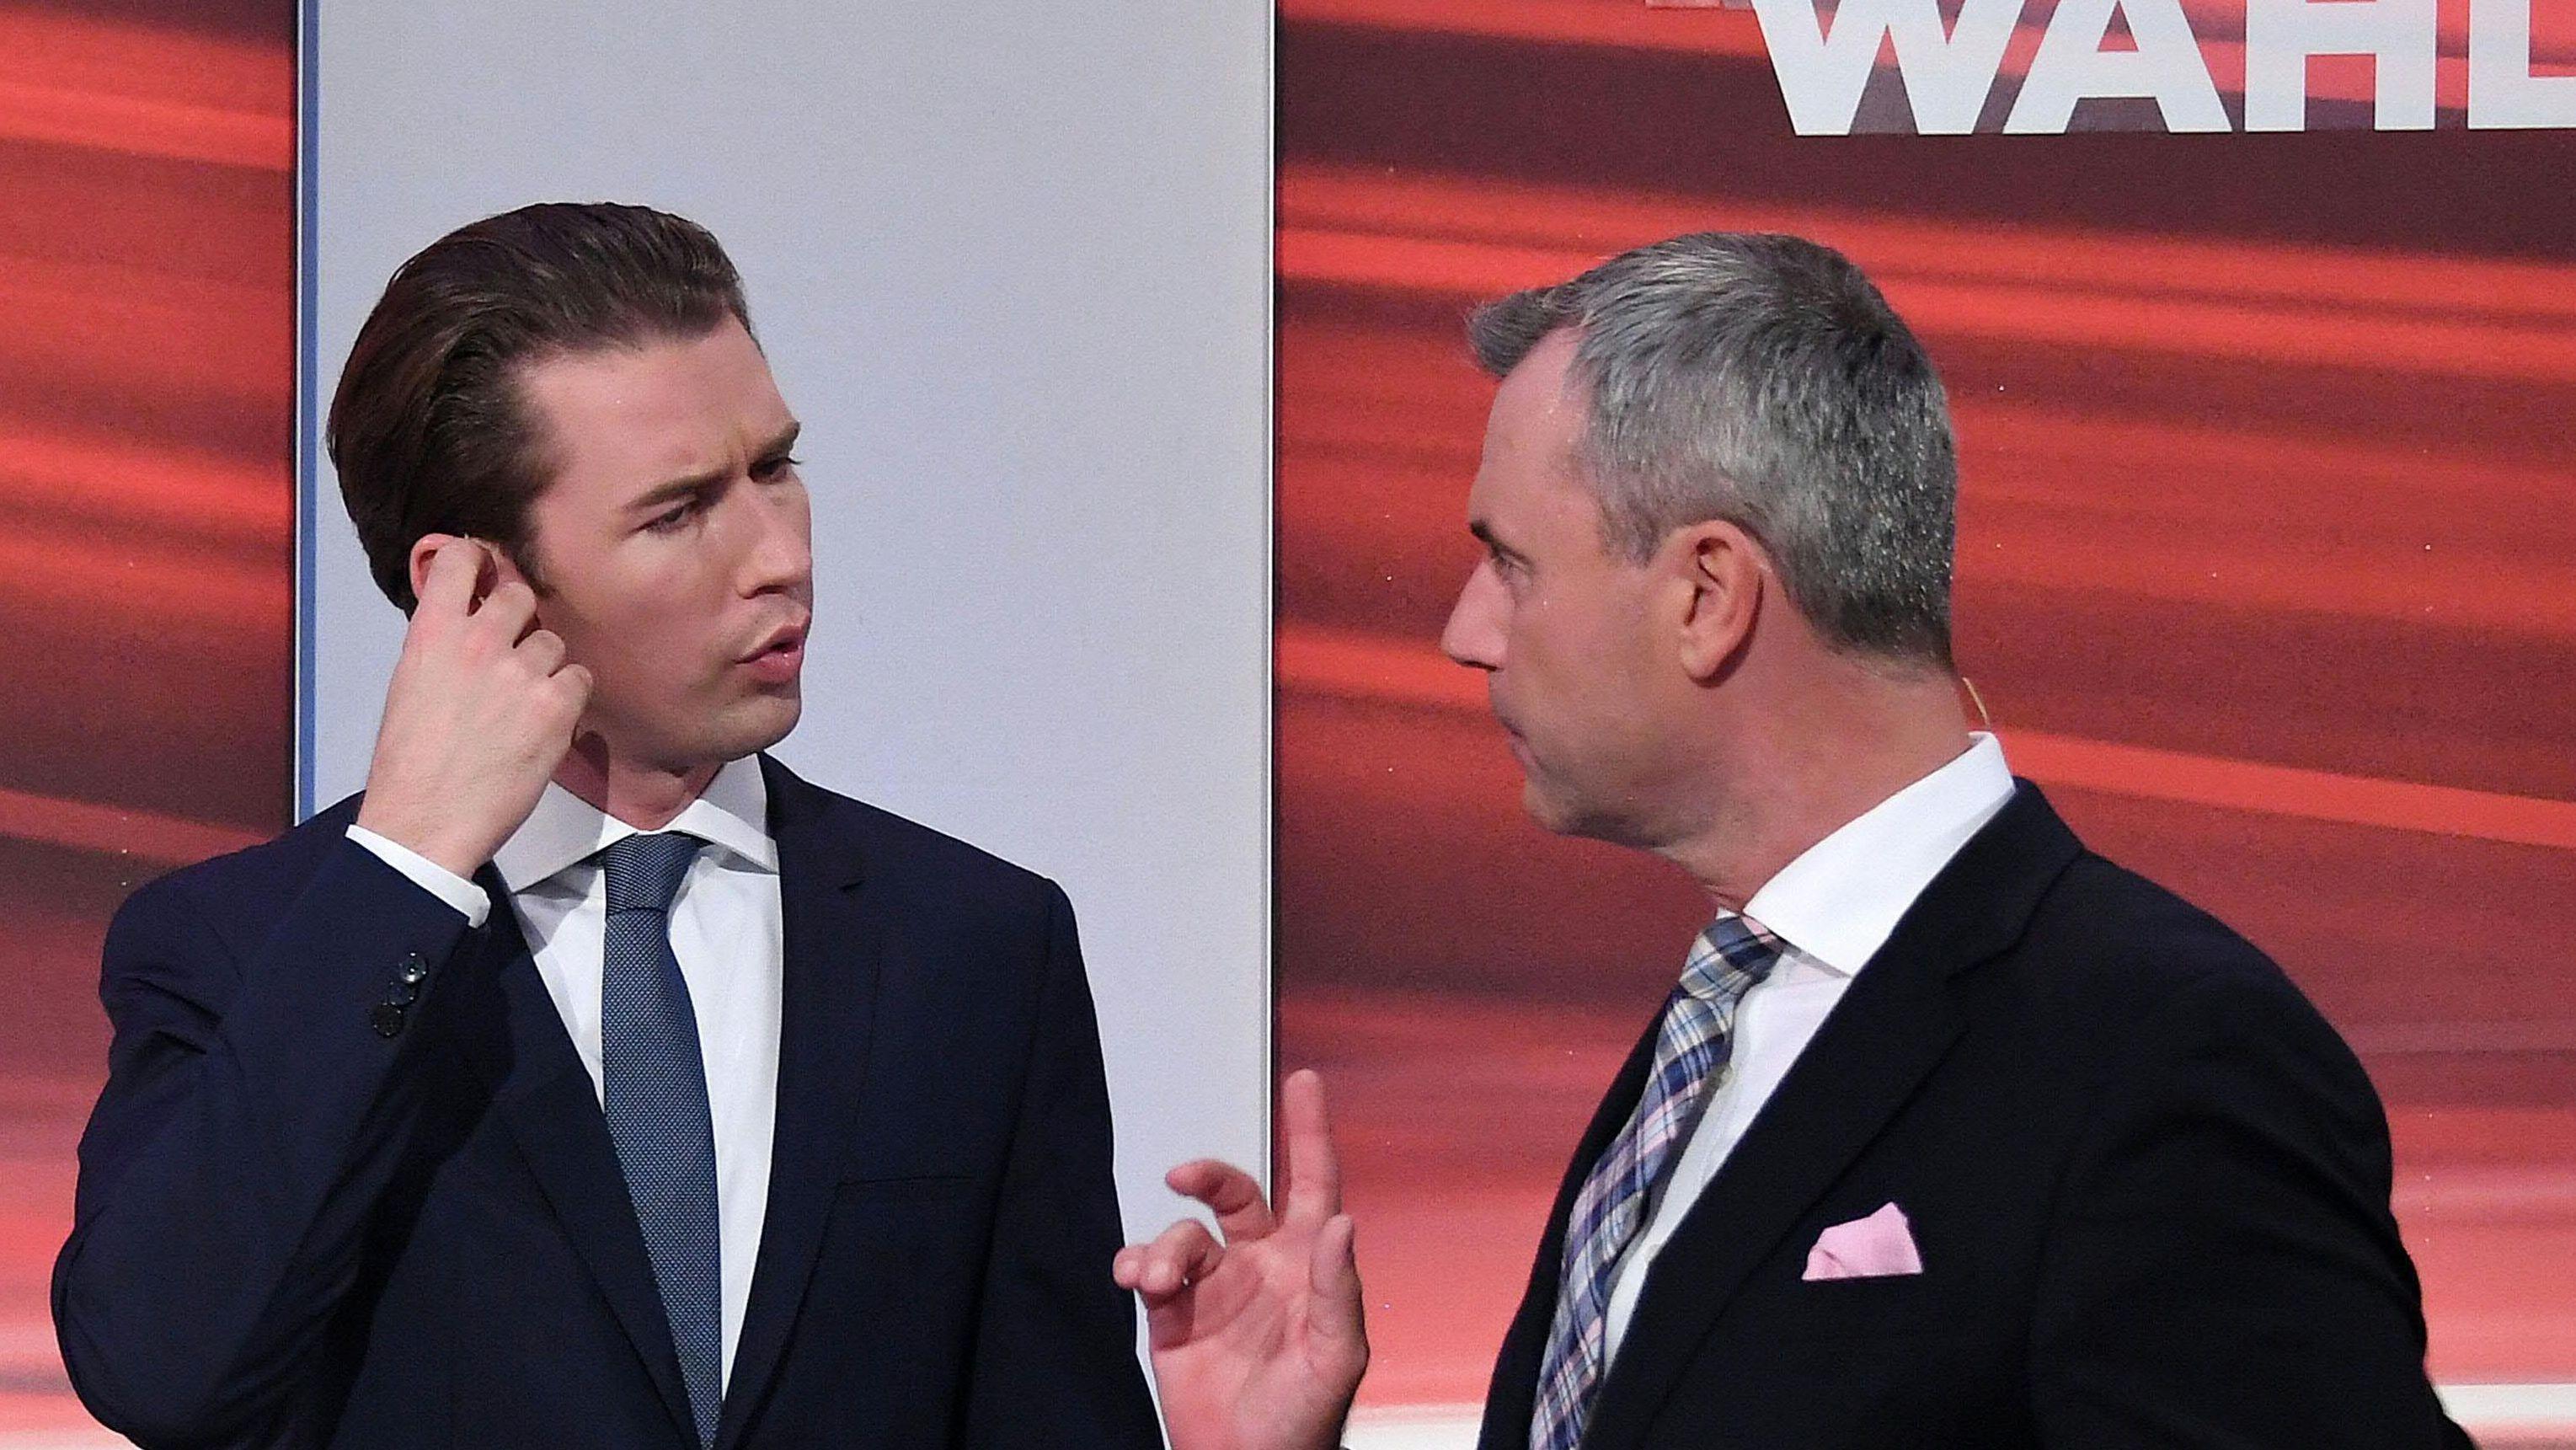 ÖVP-Spitzenkandidat Sebastian Kurz und FPÖ-Spitzenkandidat Norbert Hofer im Rahmen der Nationalratswahl am Sonntag, 29. September 2019, im Medienzentrum in der Hofburg in Wien.